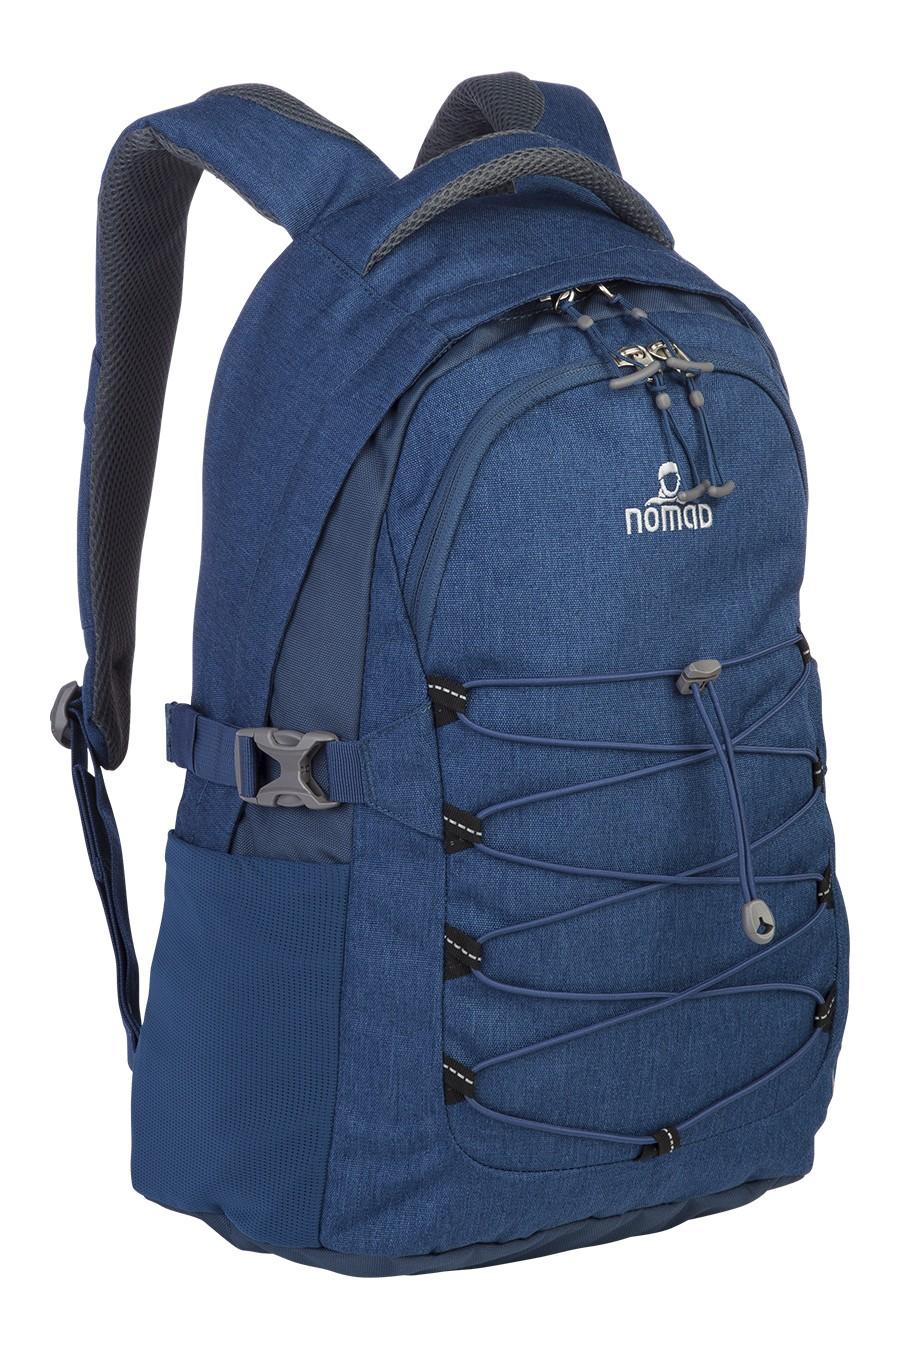 Rucsac Nomad, Express Daypack, 20l, Albastru Inchis